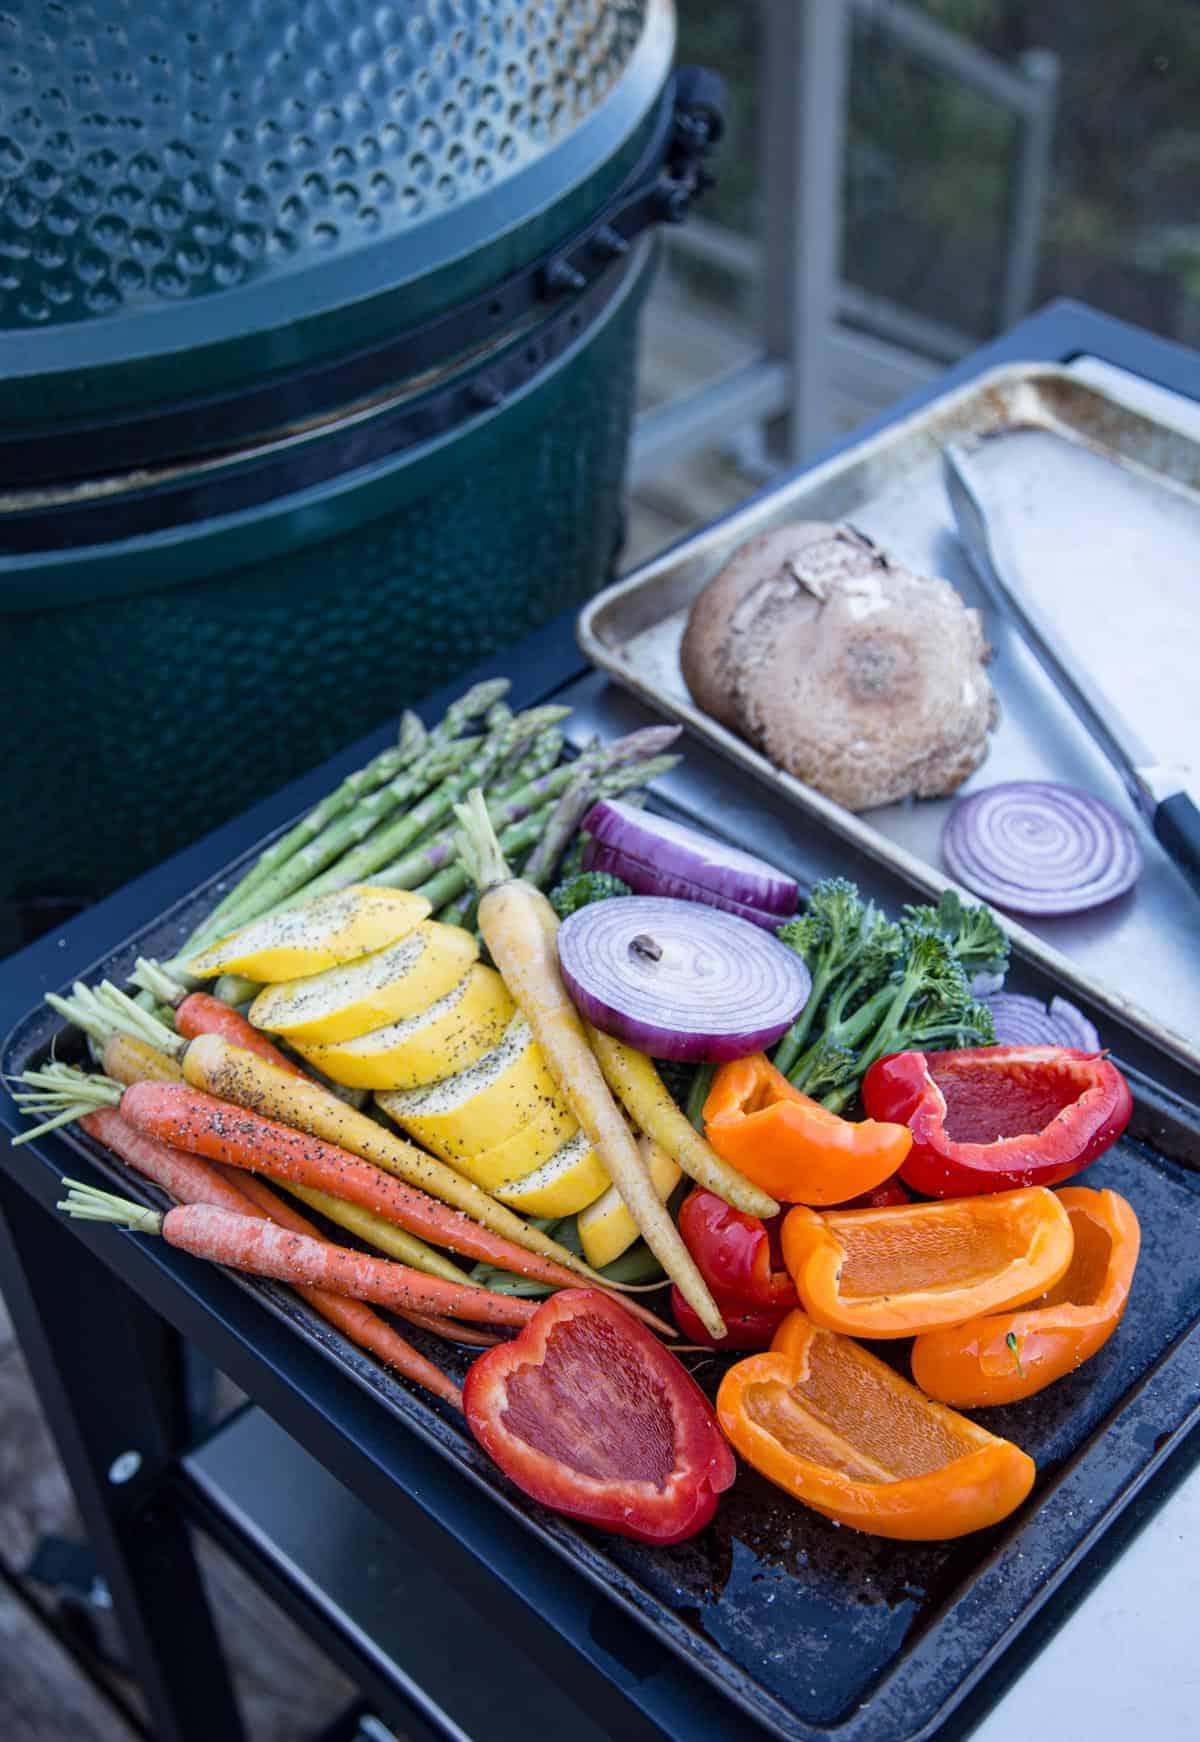 Best Vegetables for Grilling